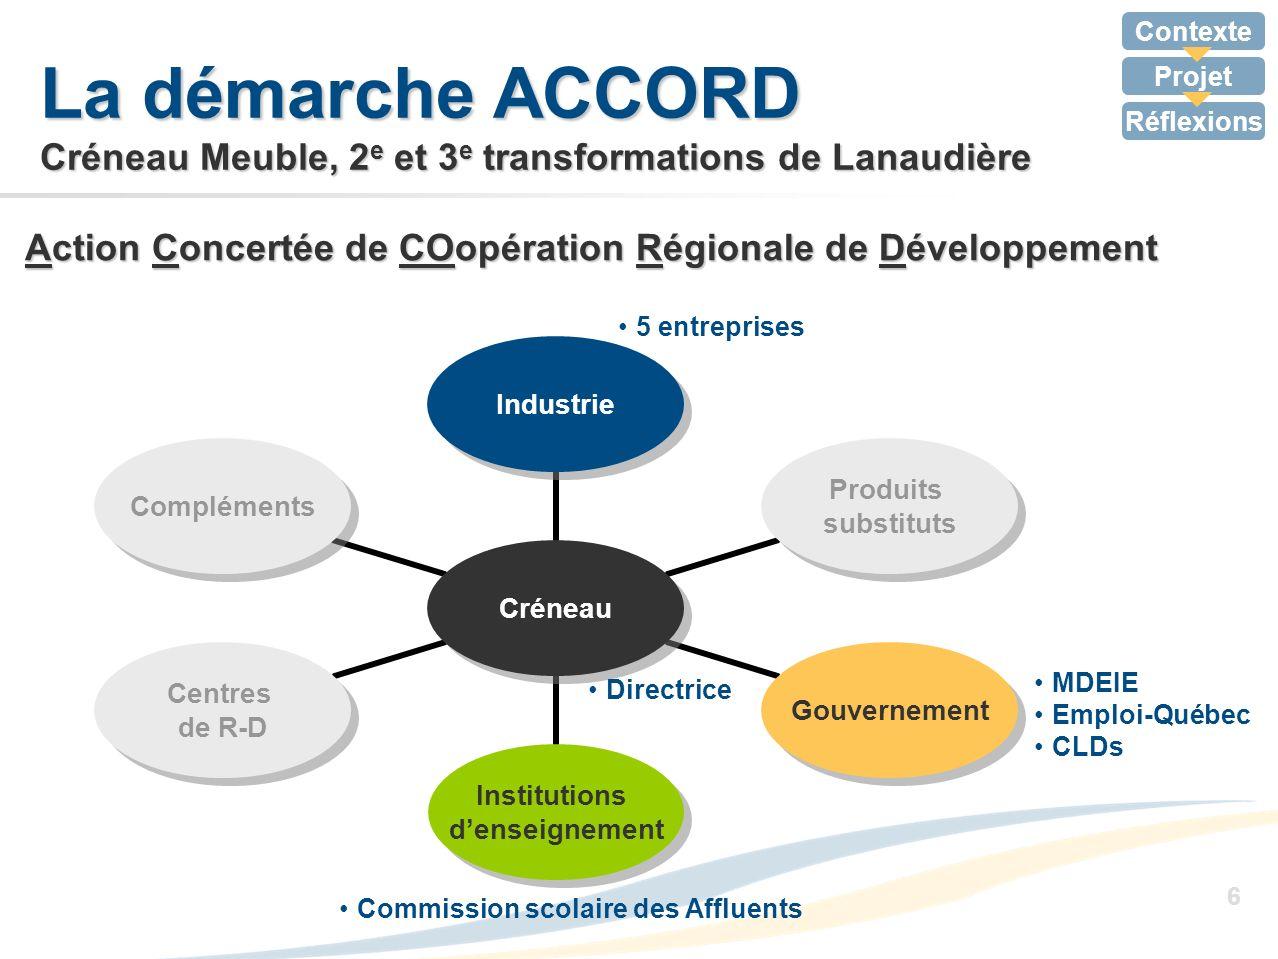 La démarche ACCORD Créneau Meuble, 2e et 3e transformations de Lanaudière